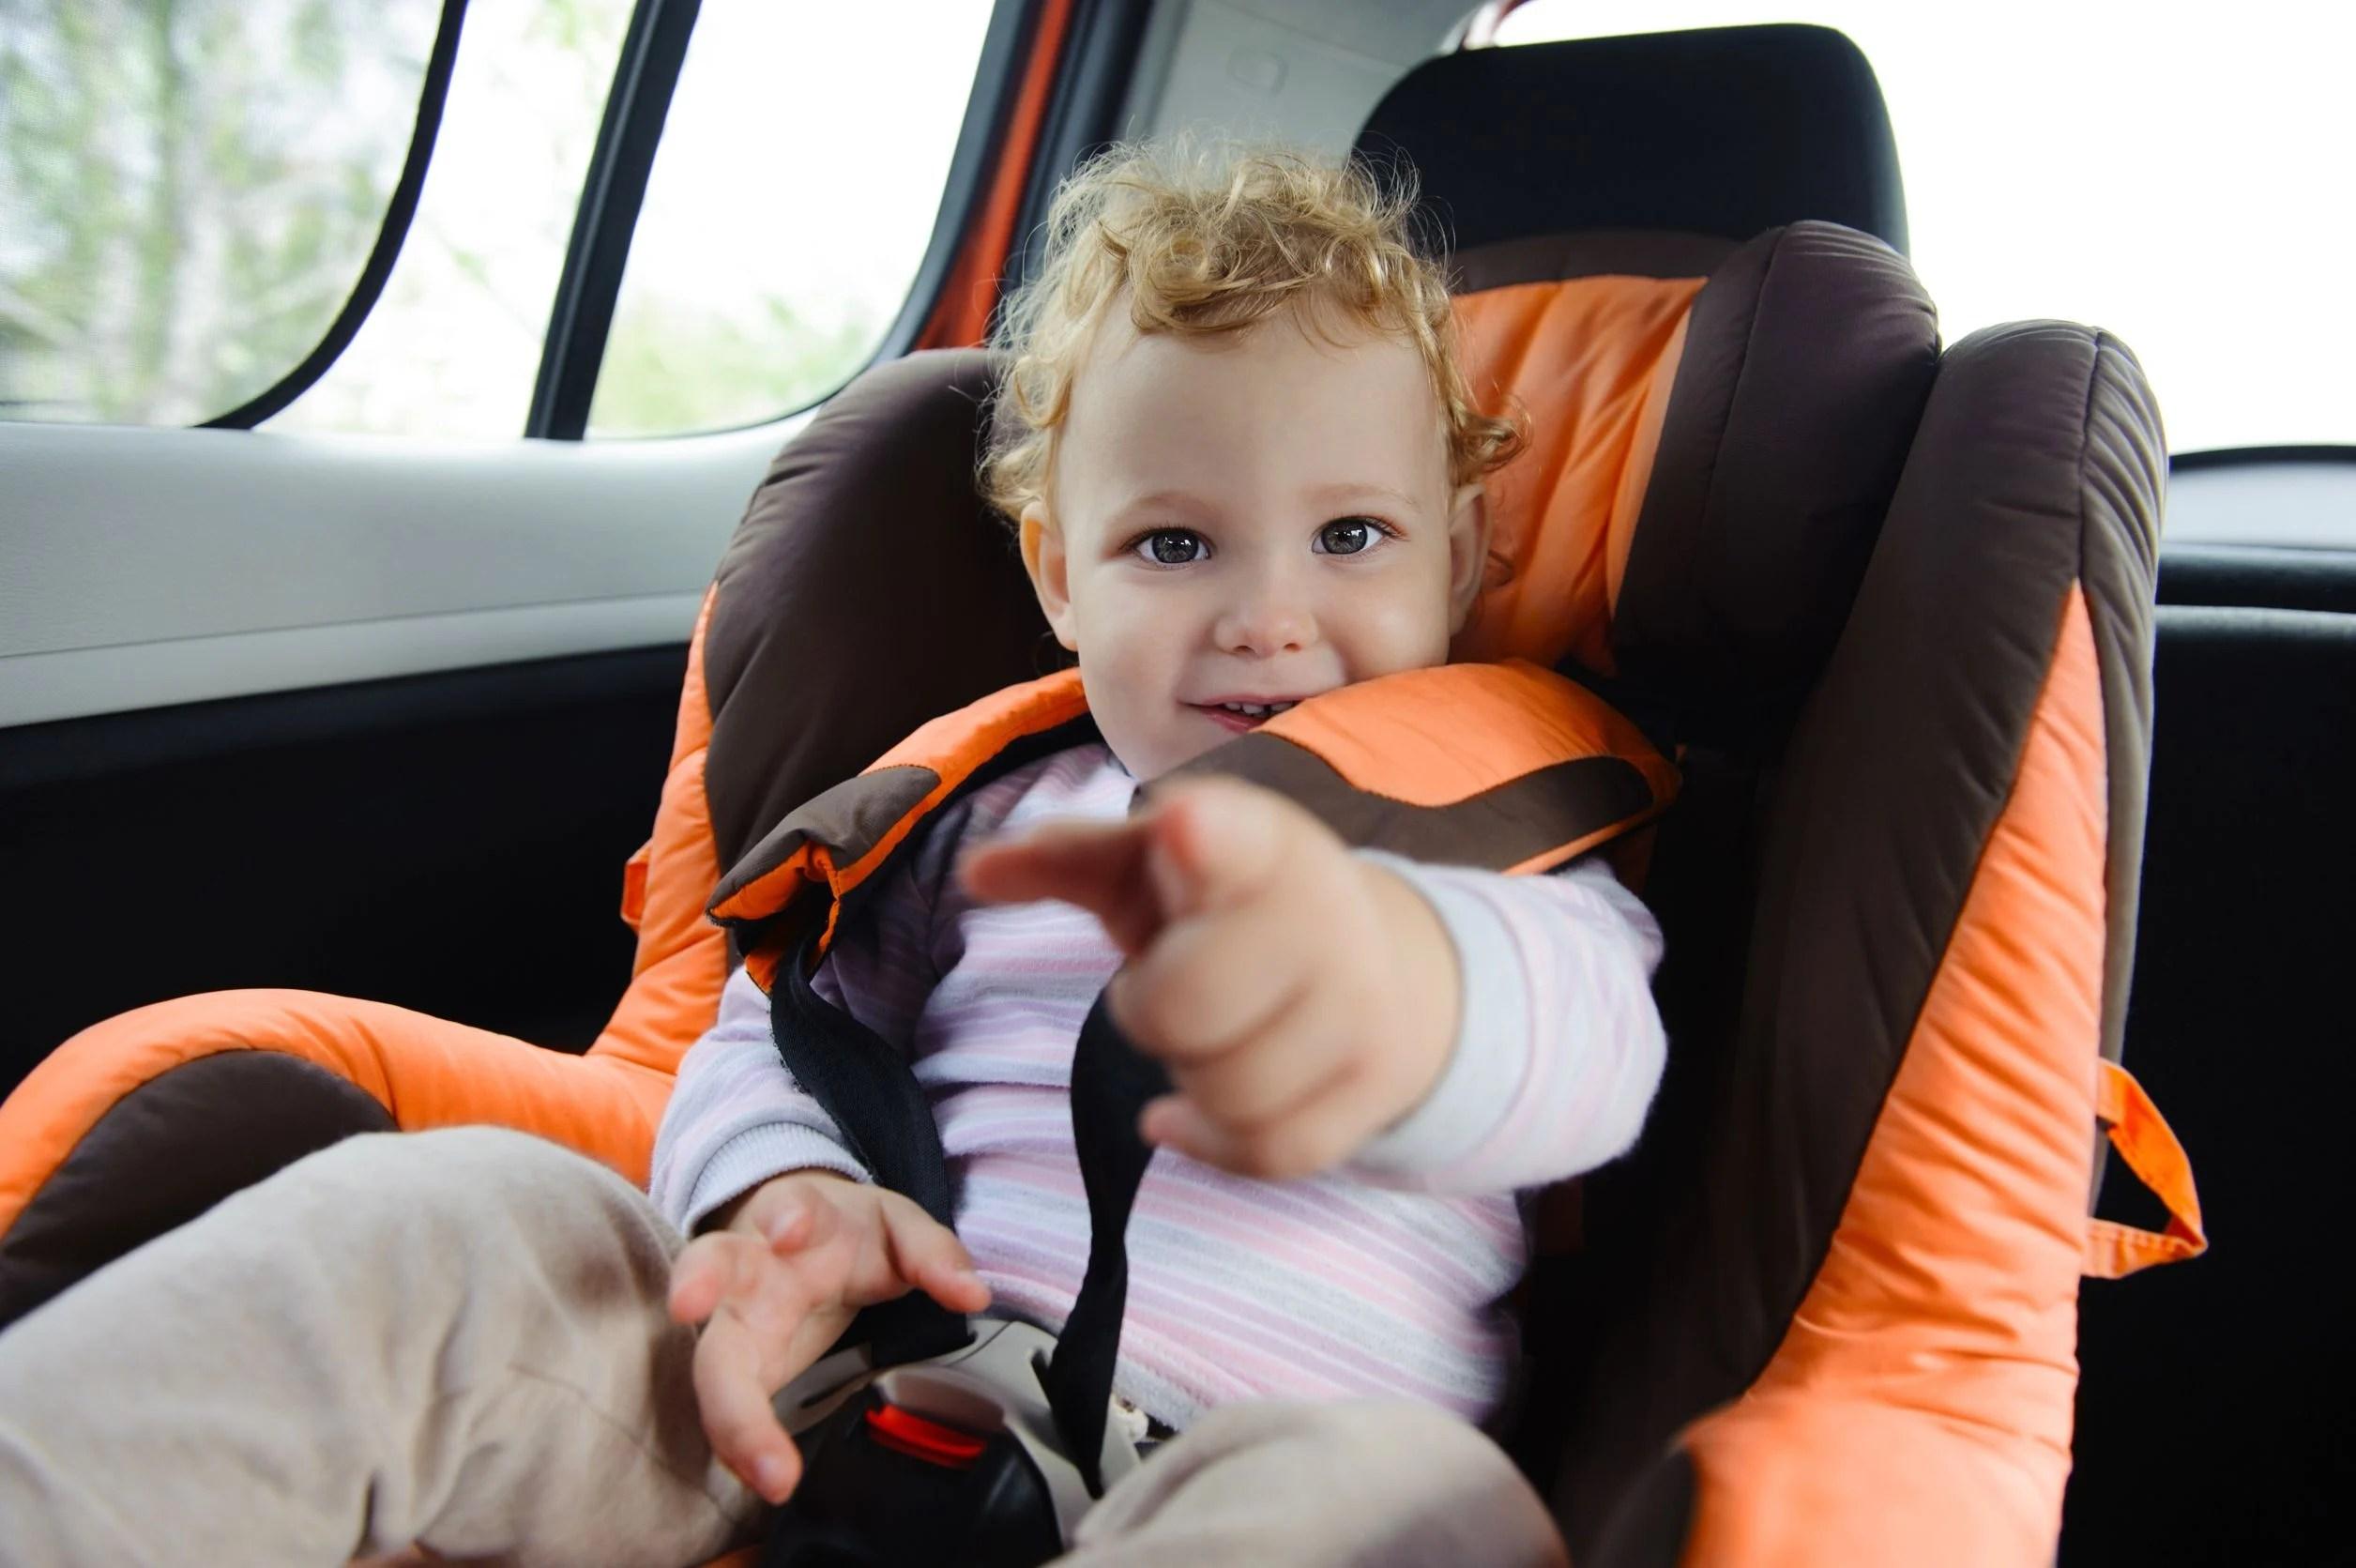 il mondo del bambino baby chair proper posture office bimbi dimenticati in auto arriva la legge salvabebè